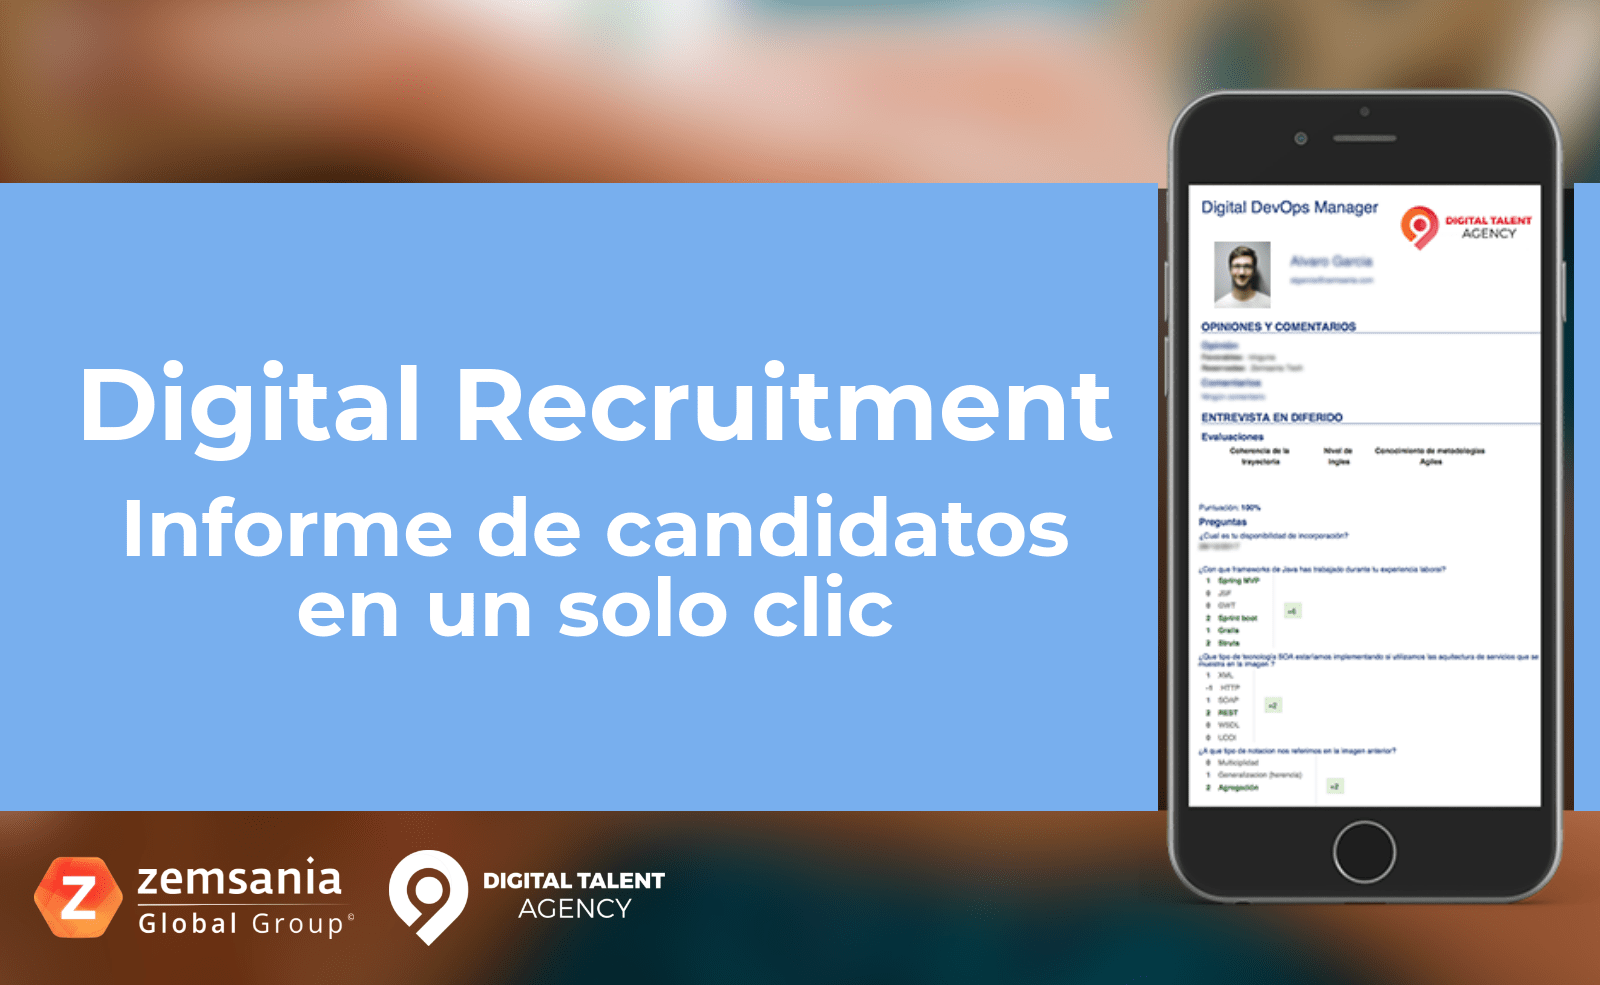 Digital Recruitment informe de candidatos